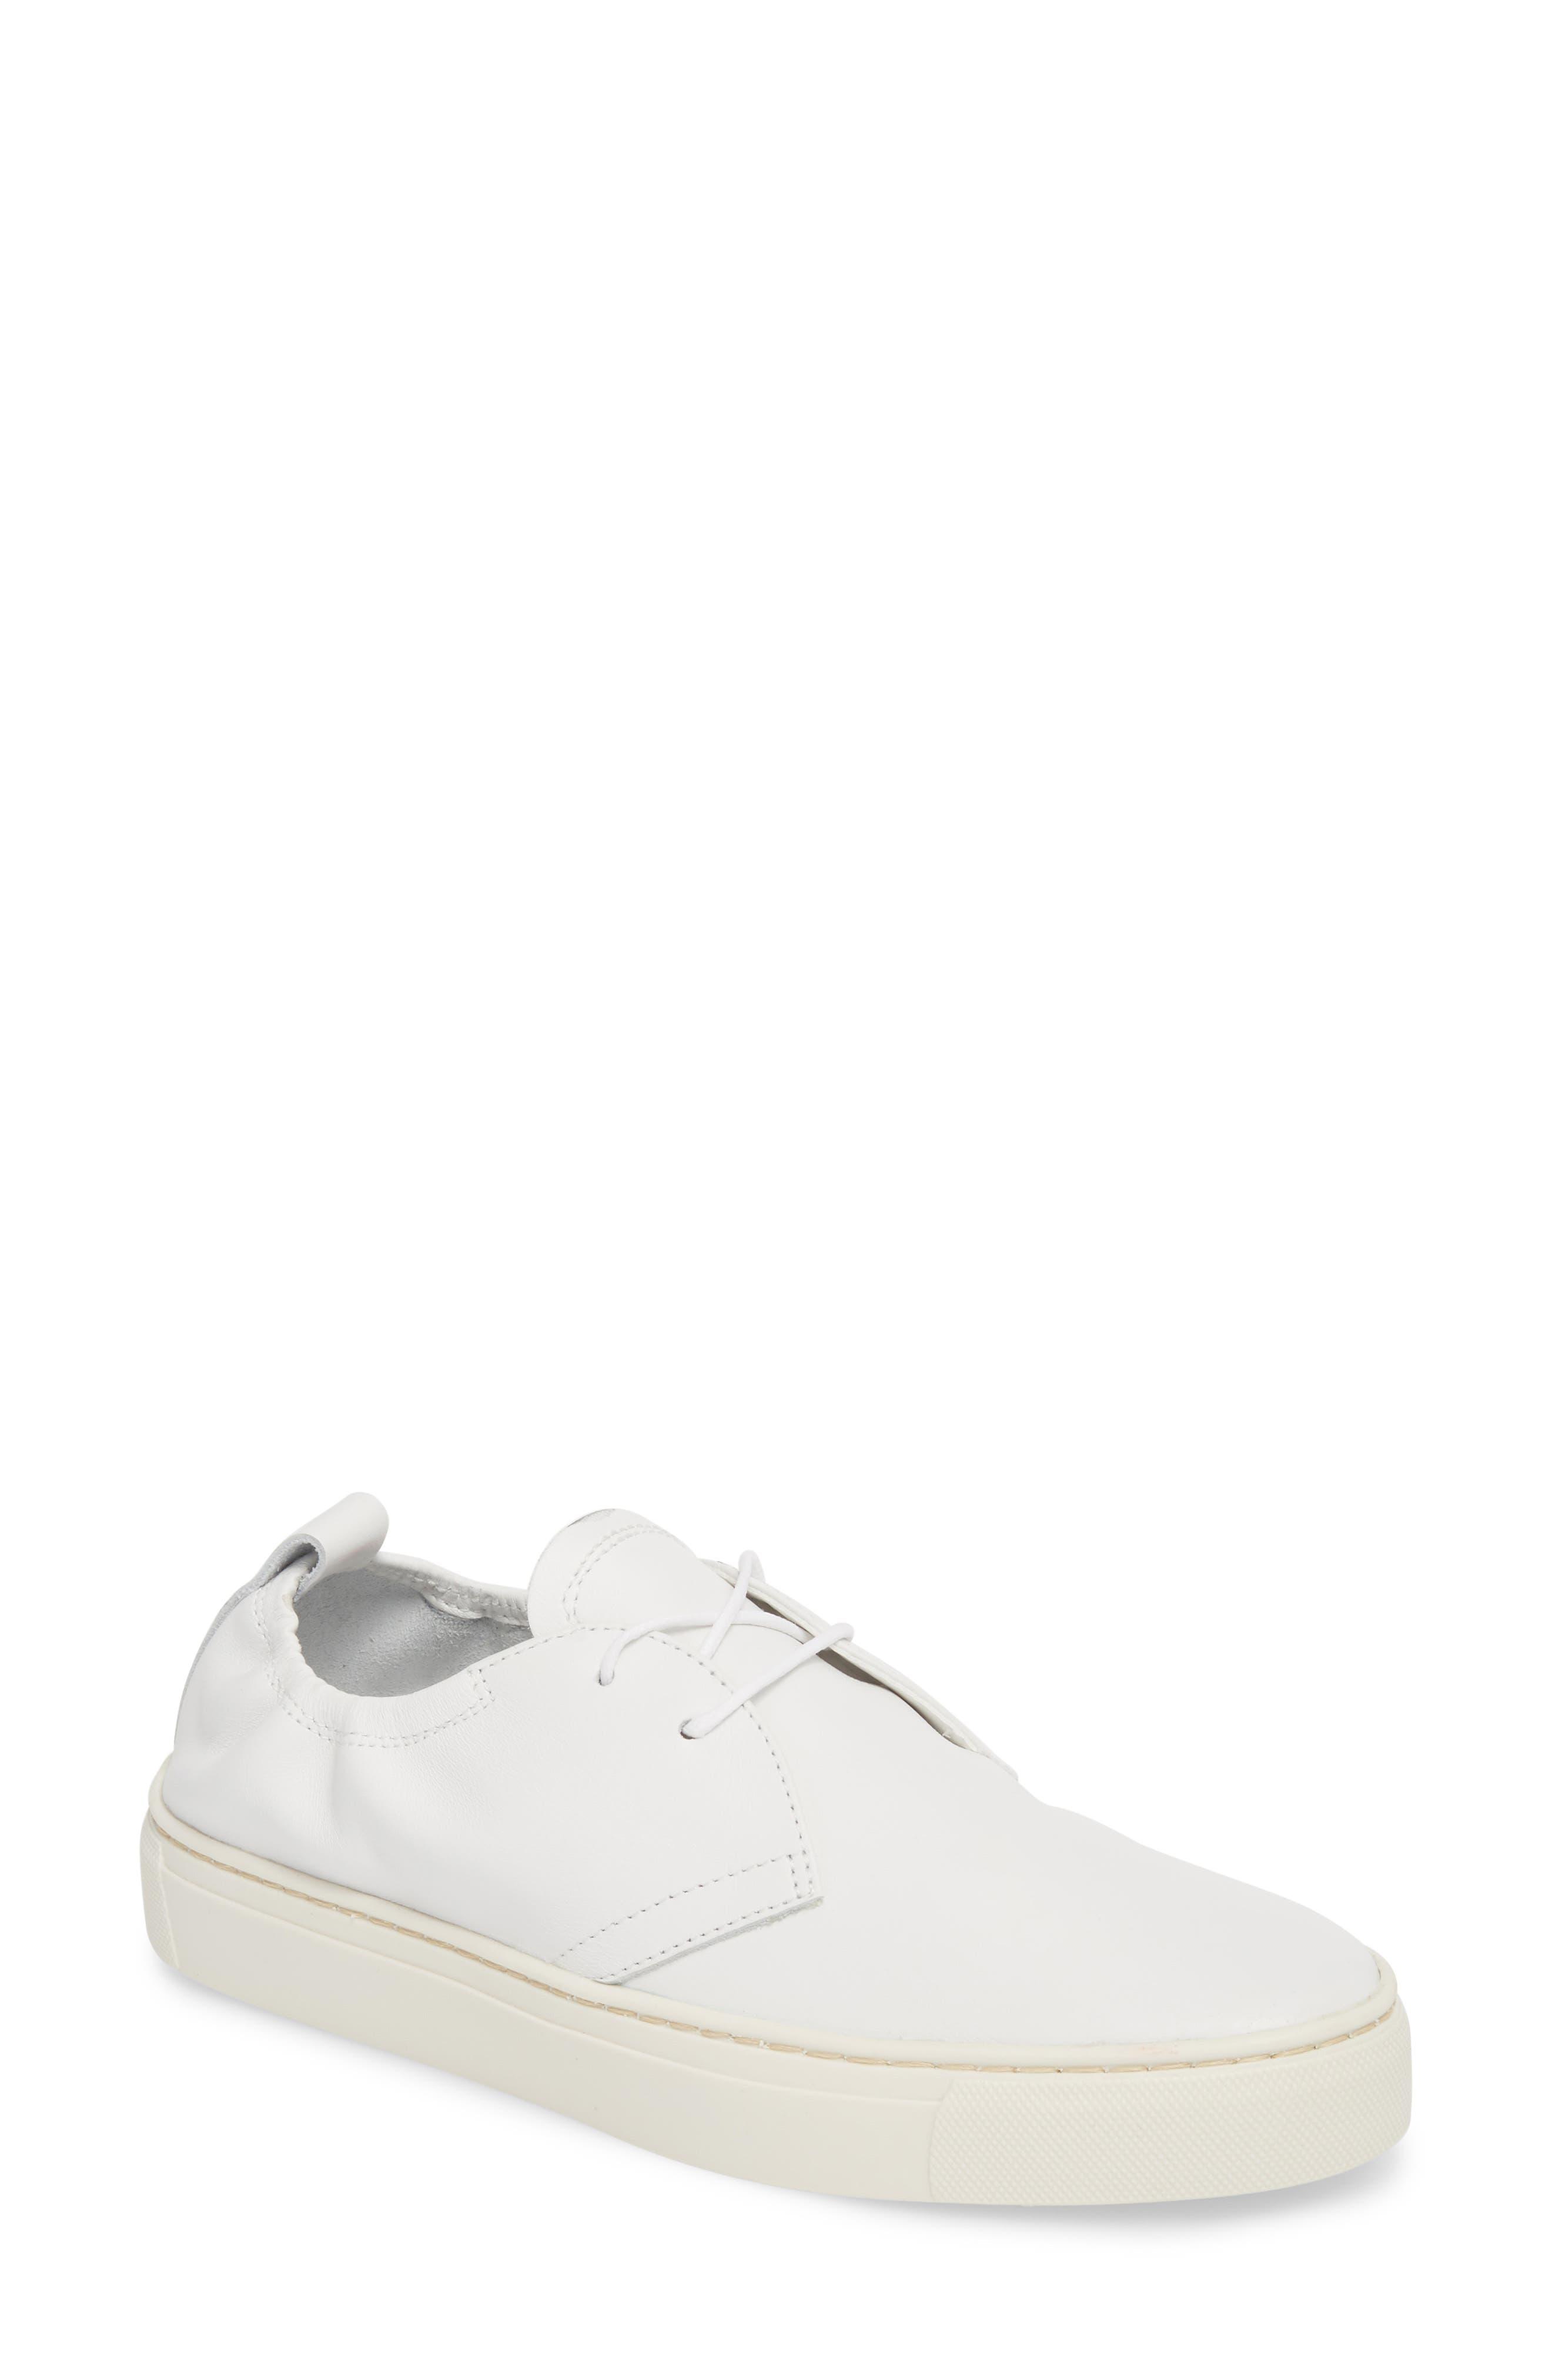 The Flexx Sneak Up Sneaker- White